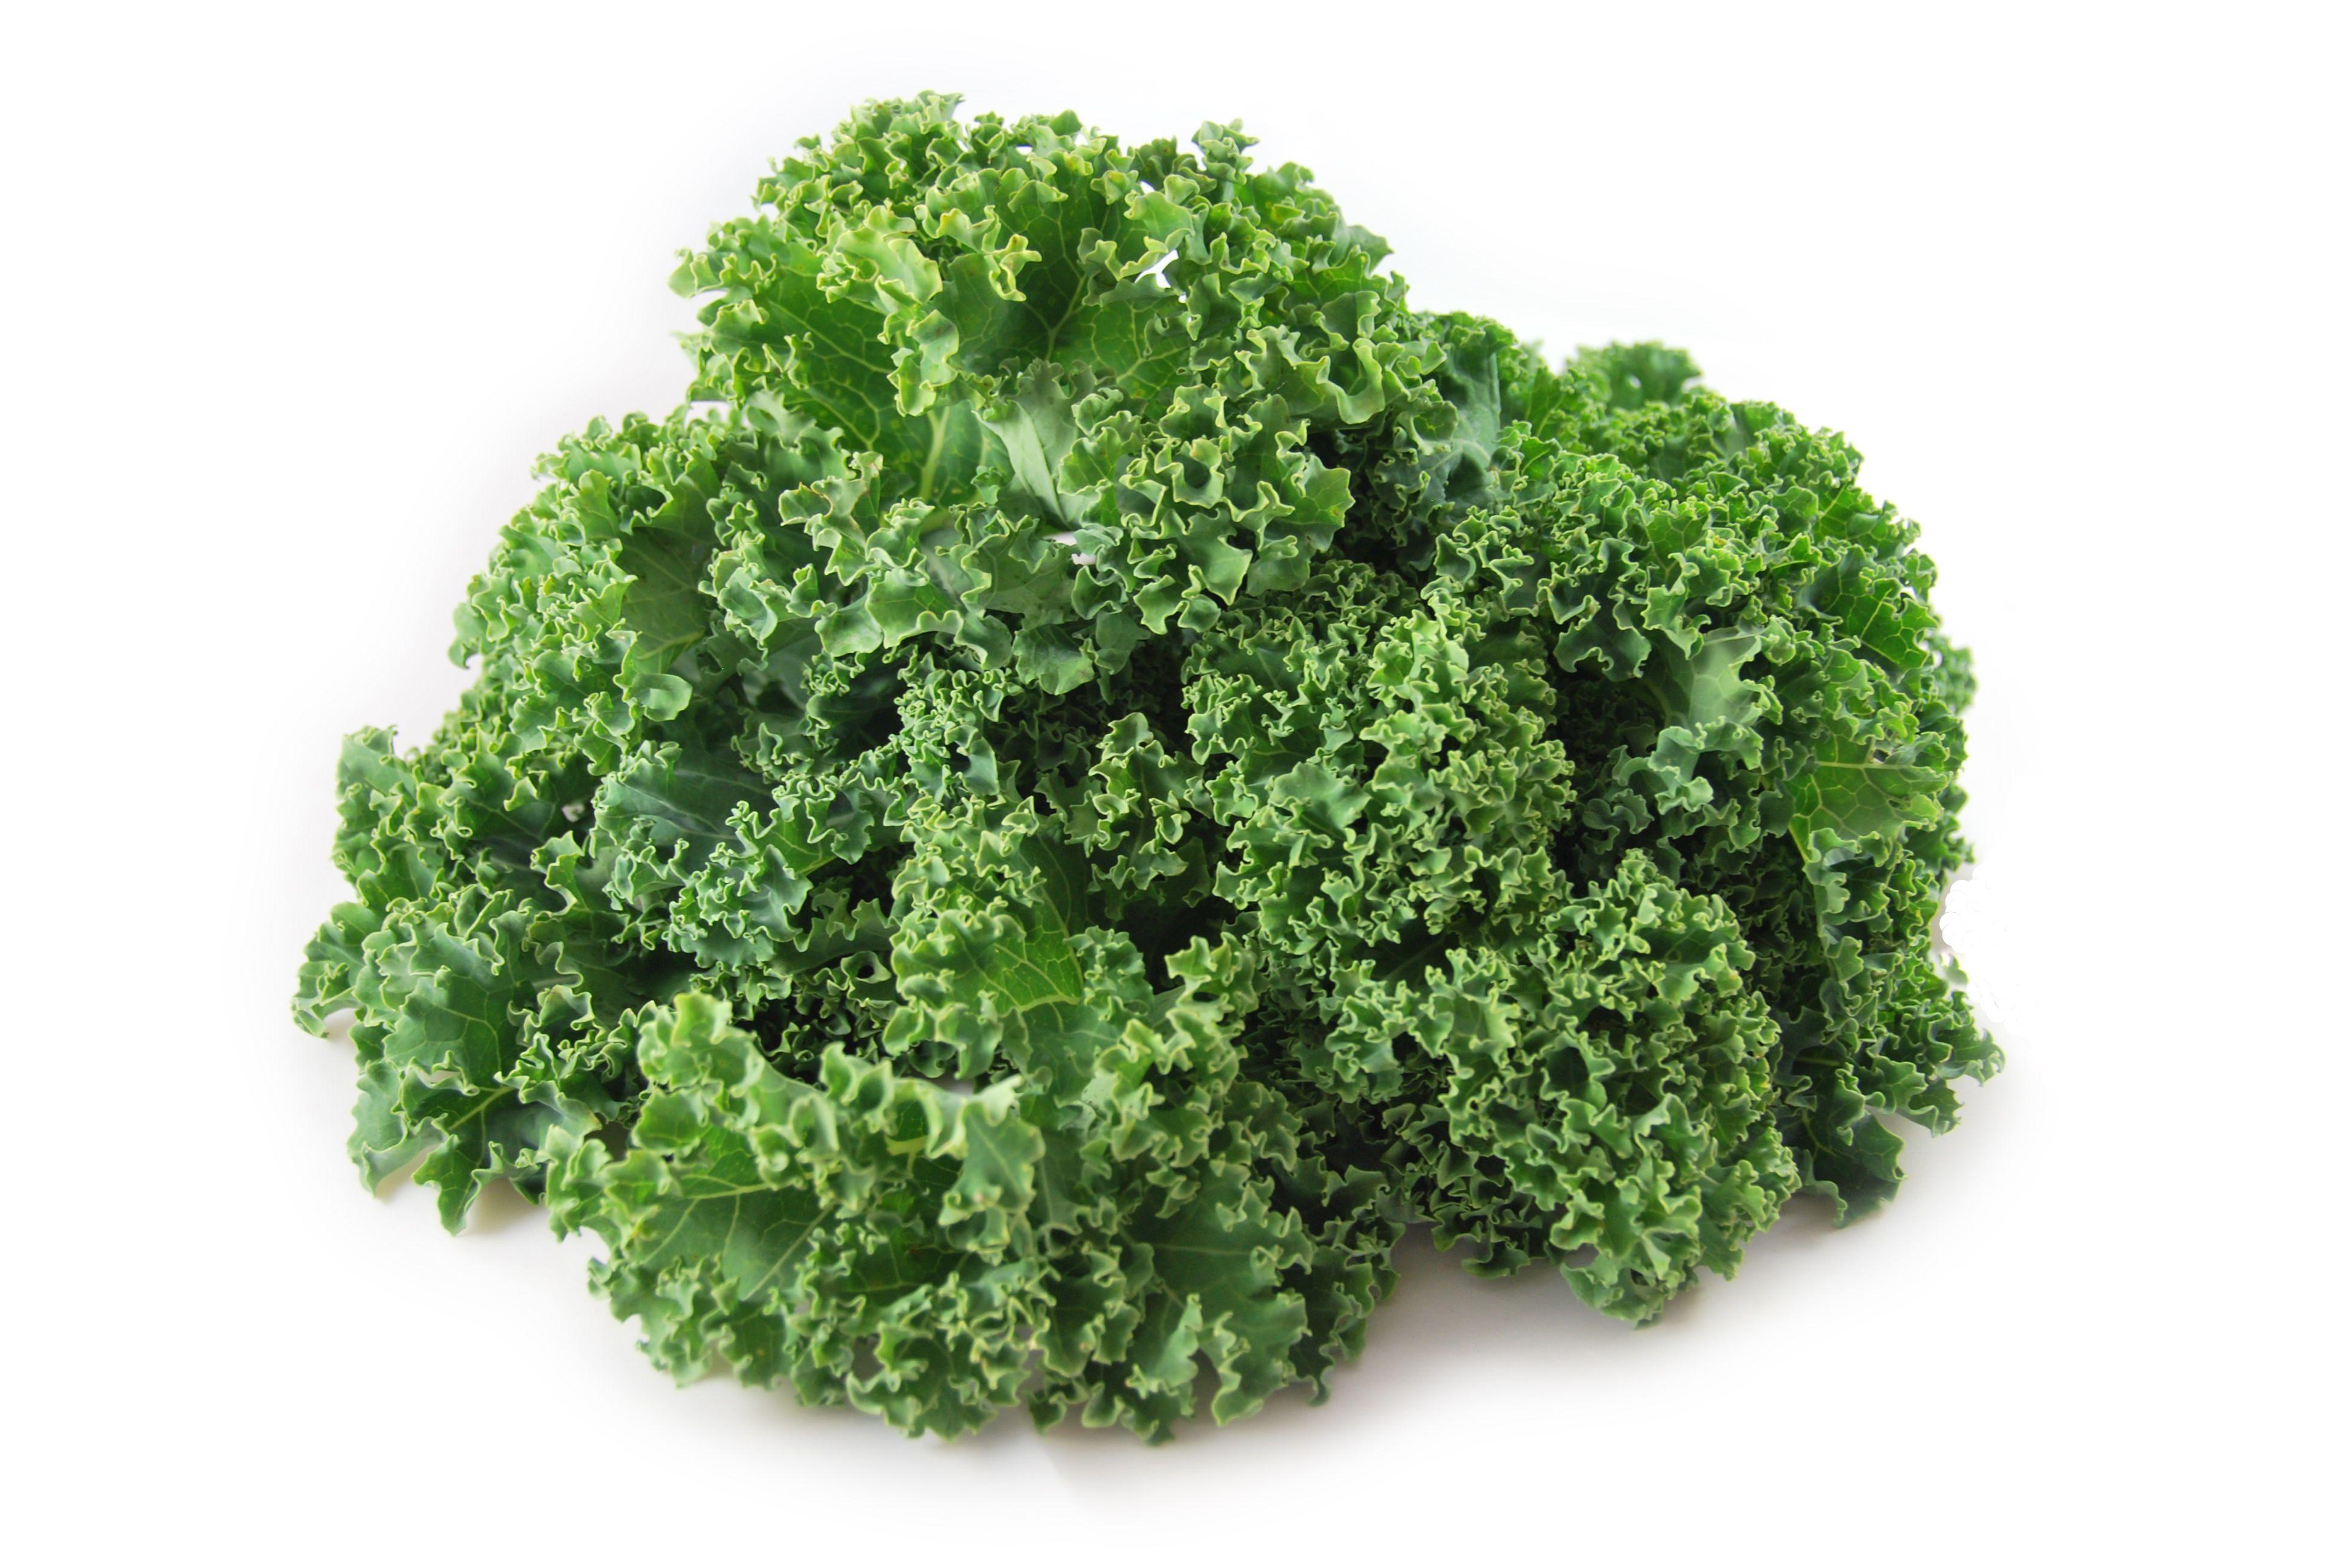 Jarmuż to warzywo z rodziny kapustowatych. Jego liście są pokarbowane na brzegach, w kolorze intensywnie zielonym lub fioletowym. Smak ma pikantny z nutką goryczy. Jarmuż był bardzo popularny w średniowieczu, a starożytności uprawiano go jako roślinę jadalną i ozdobną. Warzywo zawiera dużo chlorofilu, który ma… Czytaj dalej...